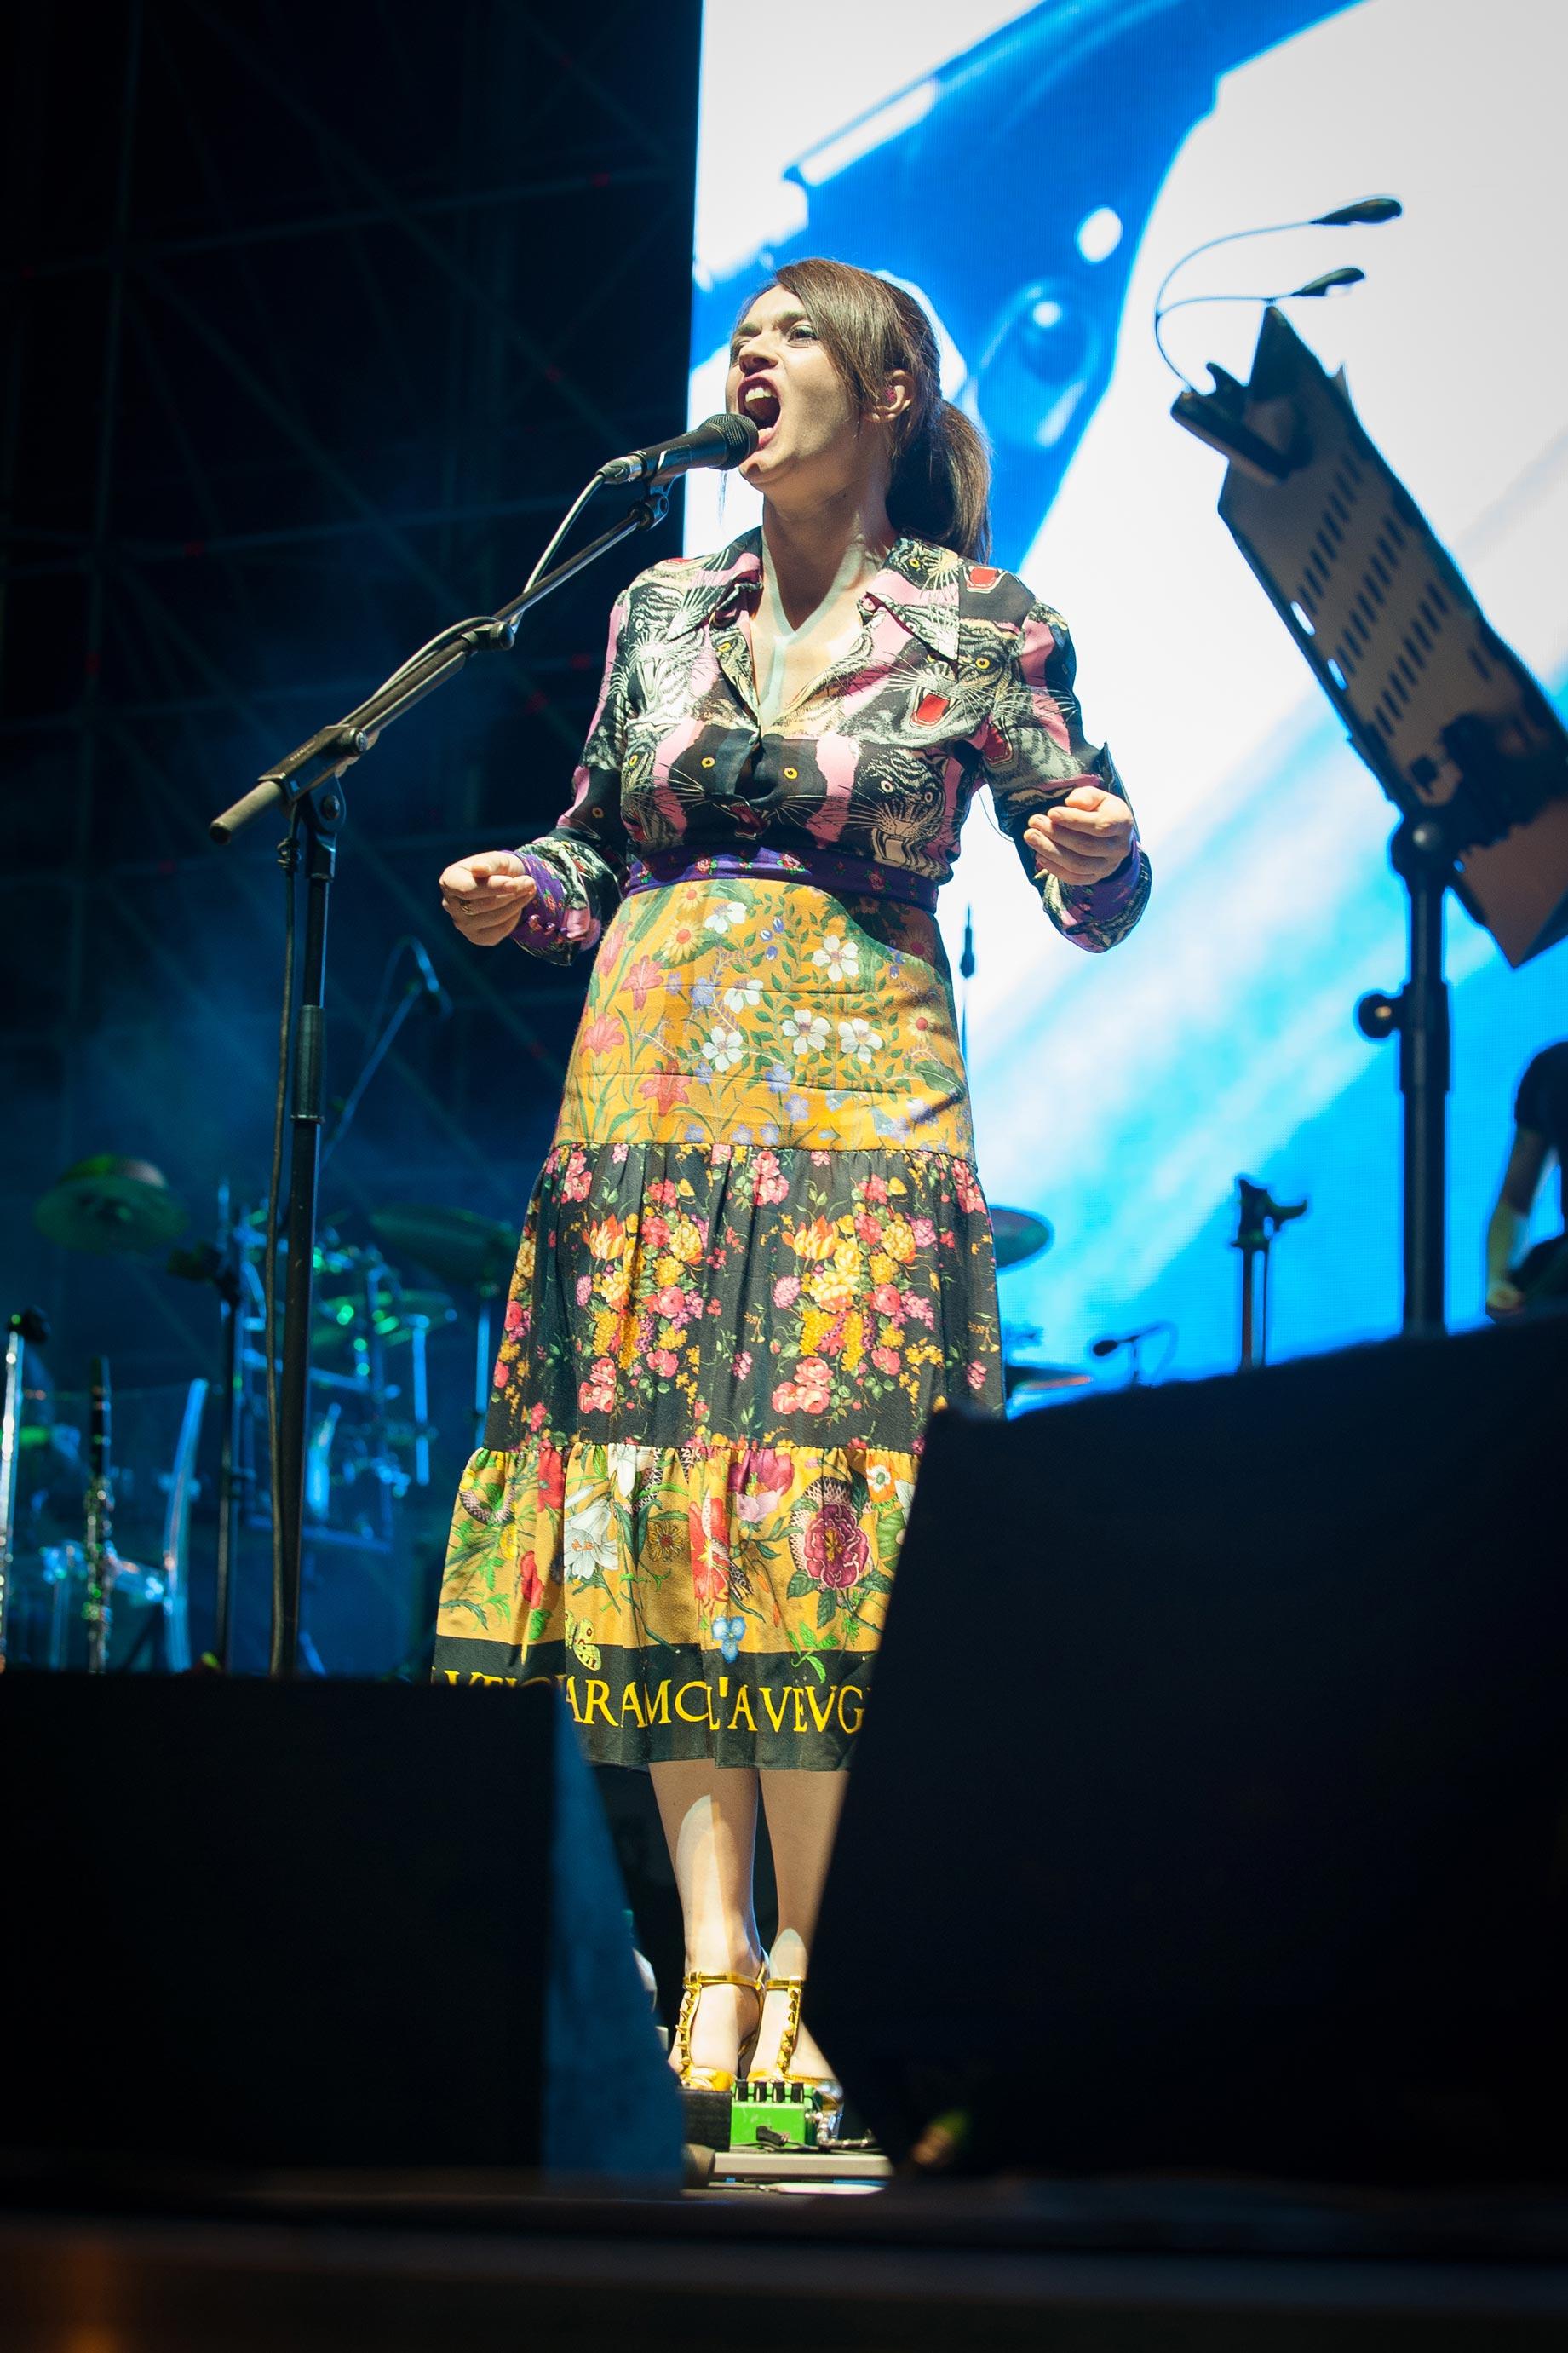 Concerti - DSC 6681 - Fotografo vestito Gucci - Fotografo vestito Gucci